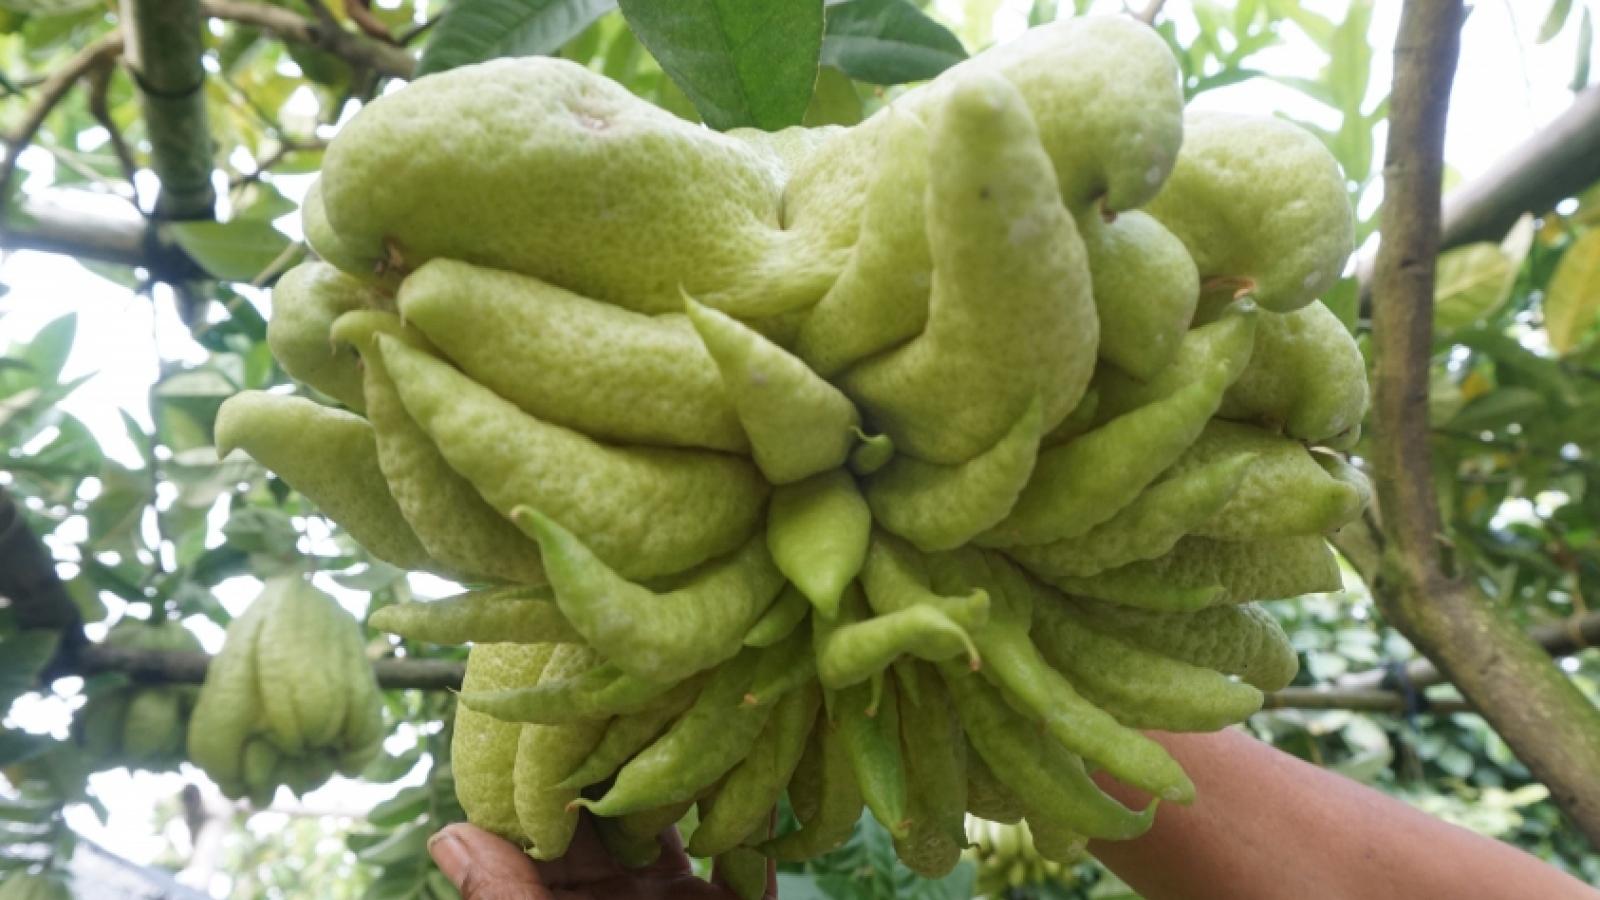 Phật thủ được mùa, trúng giá, người trồng phấn khởi, dân buôn lãi lớn